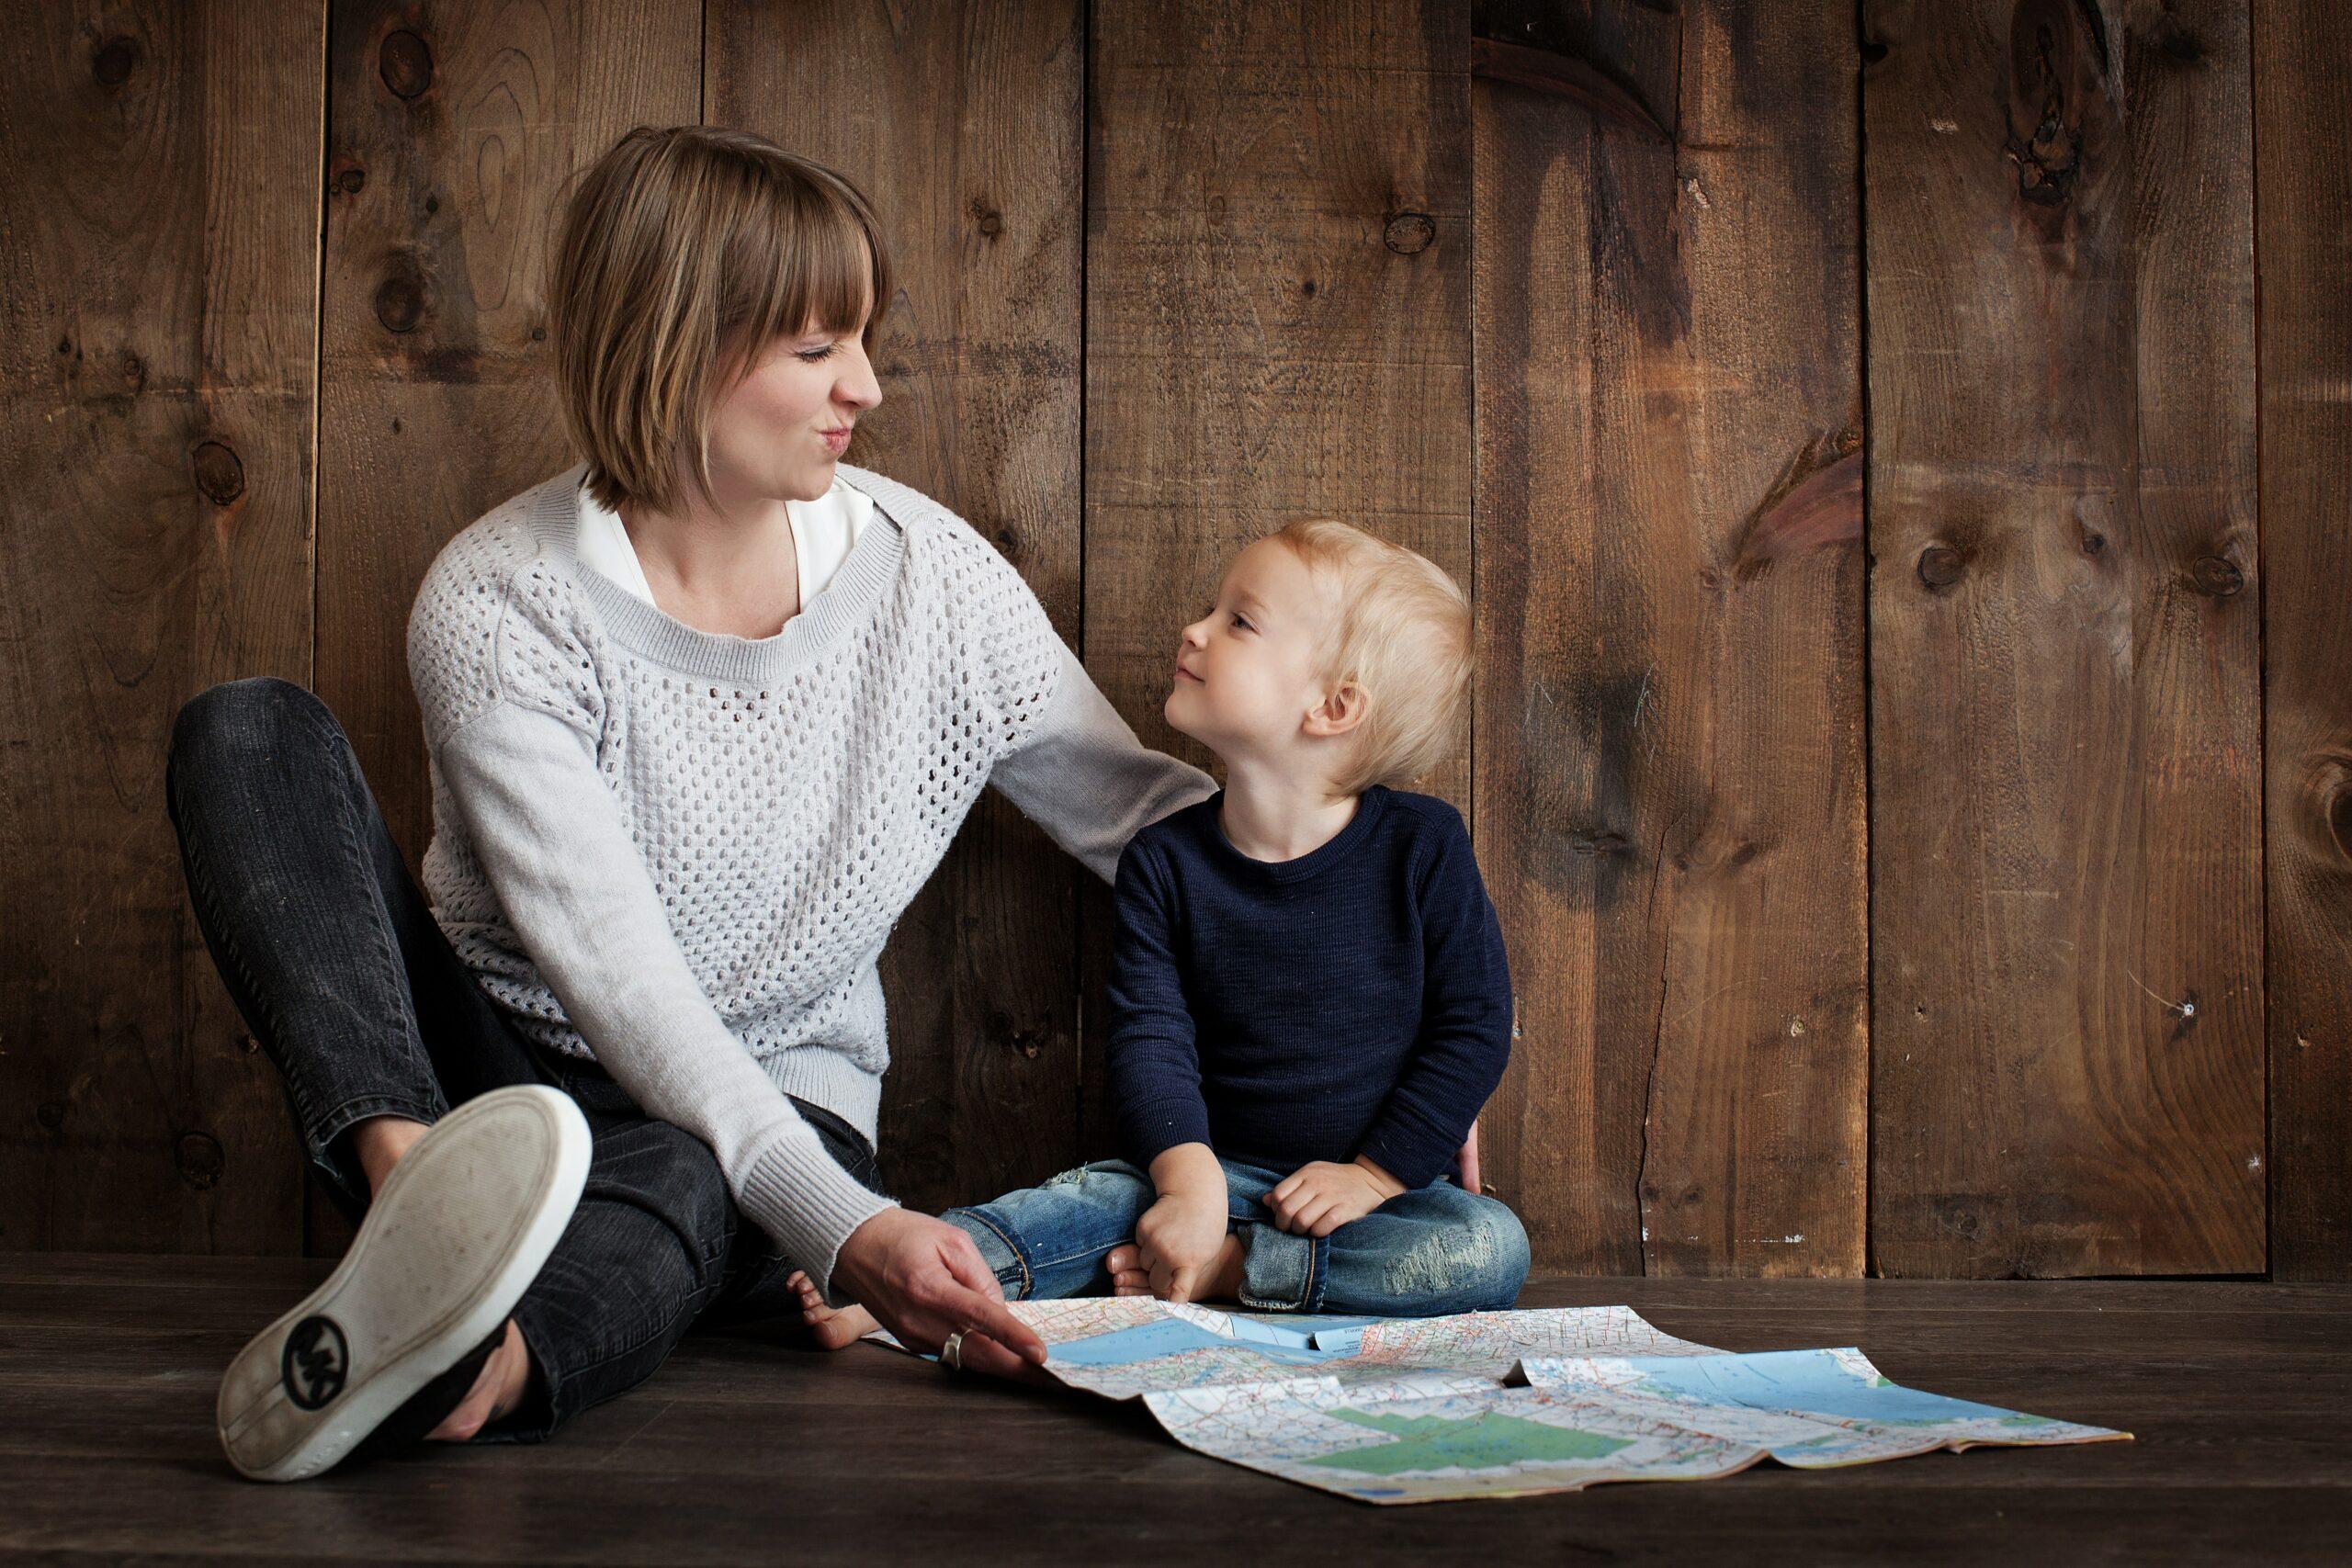 Допомога матерям одиначкам в Україні в 2021 році